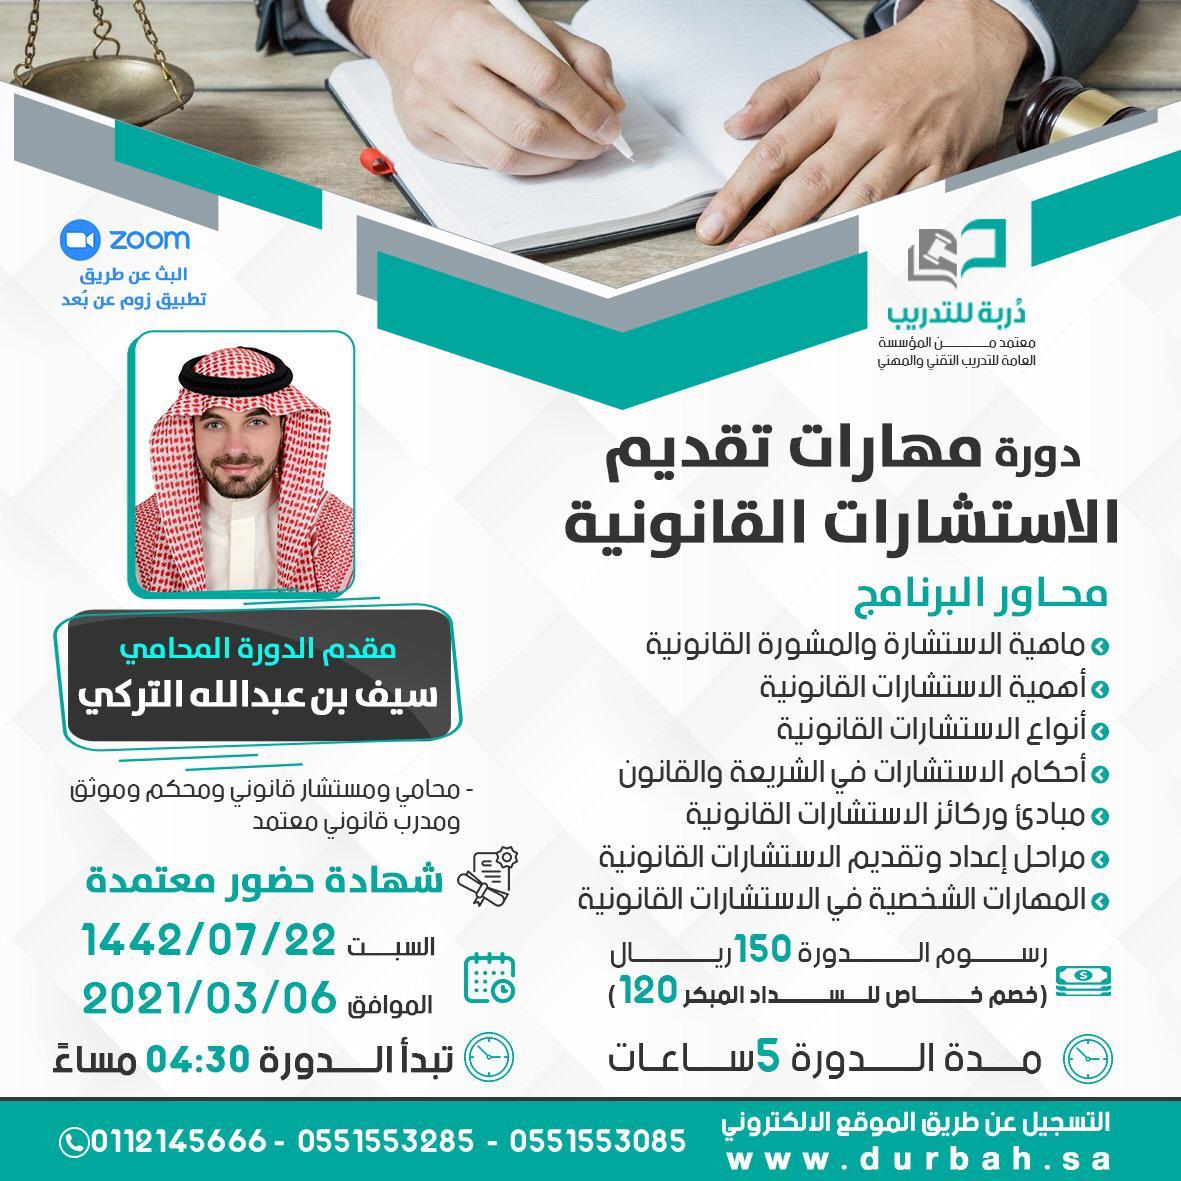 مهارات تقديم الاستشارات القانونية